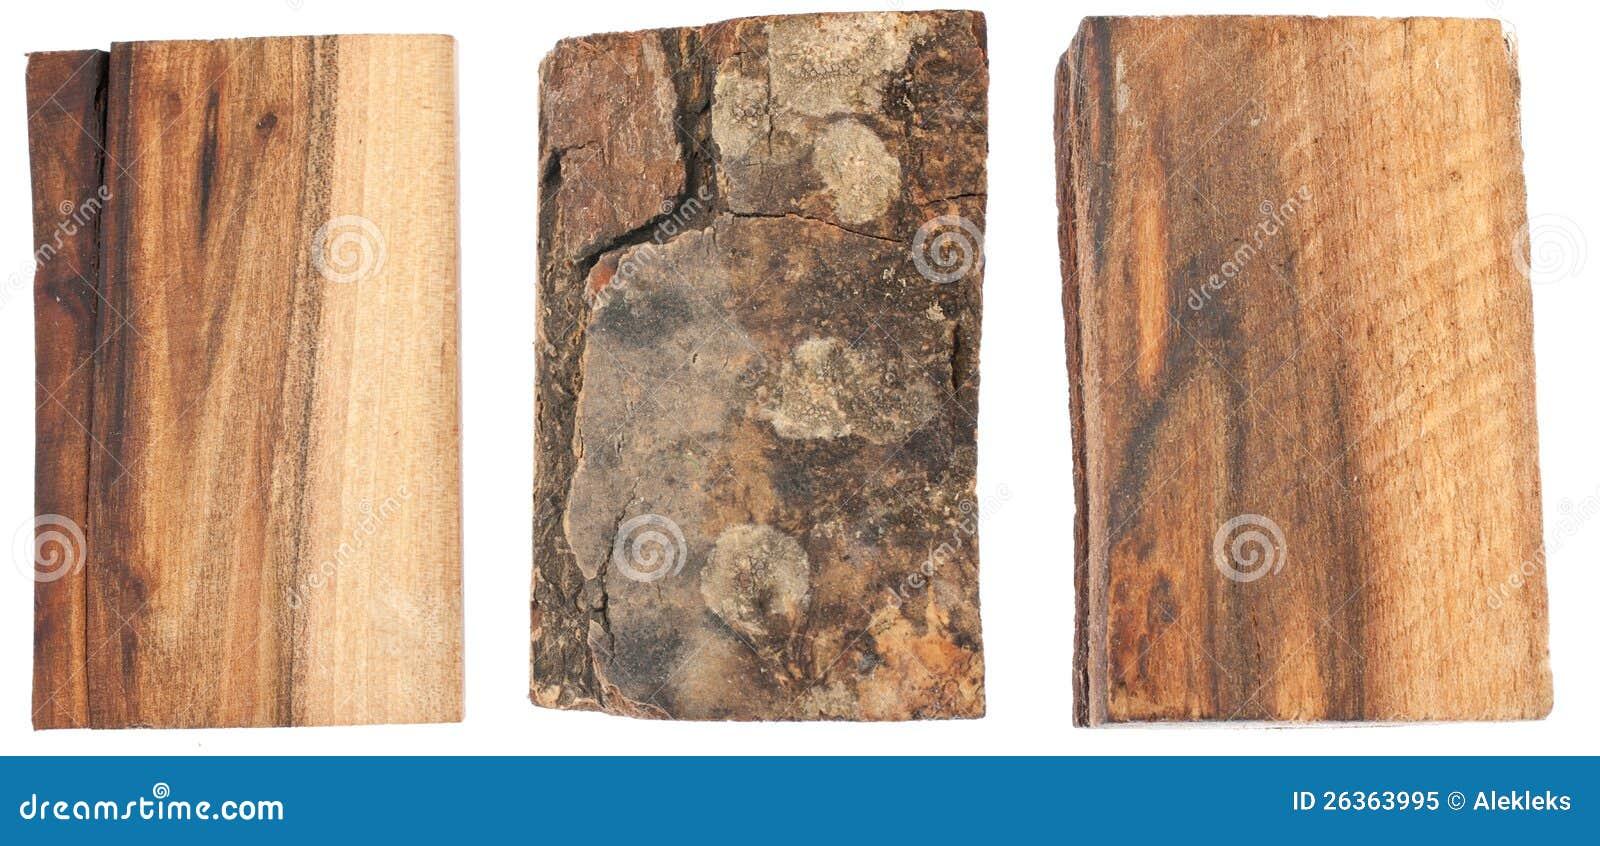 Die Beschaffenheit der Barke und des Holzes der Walnuss